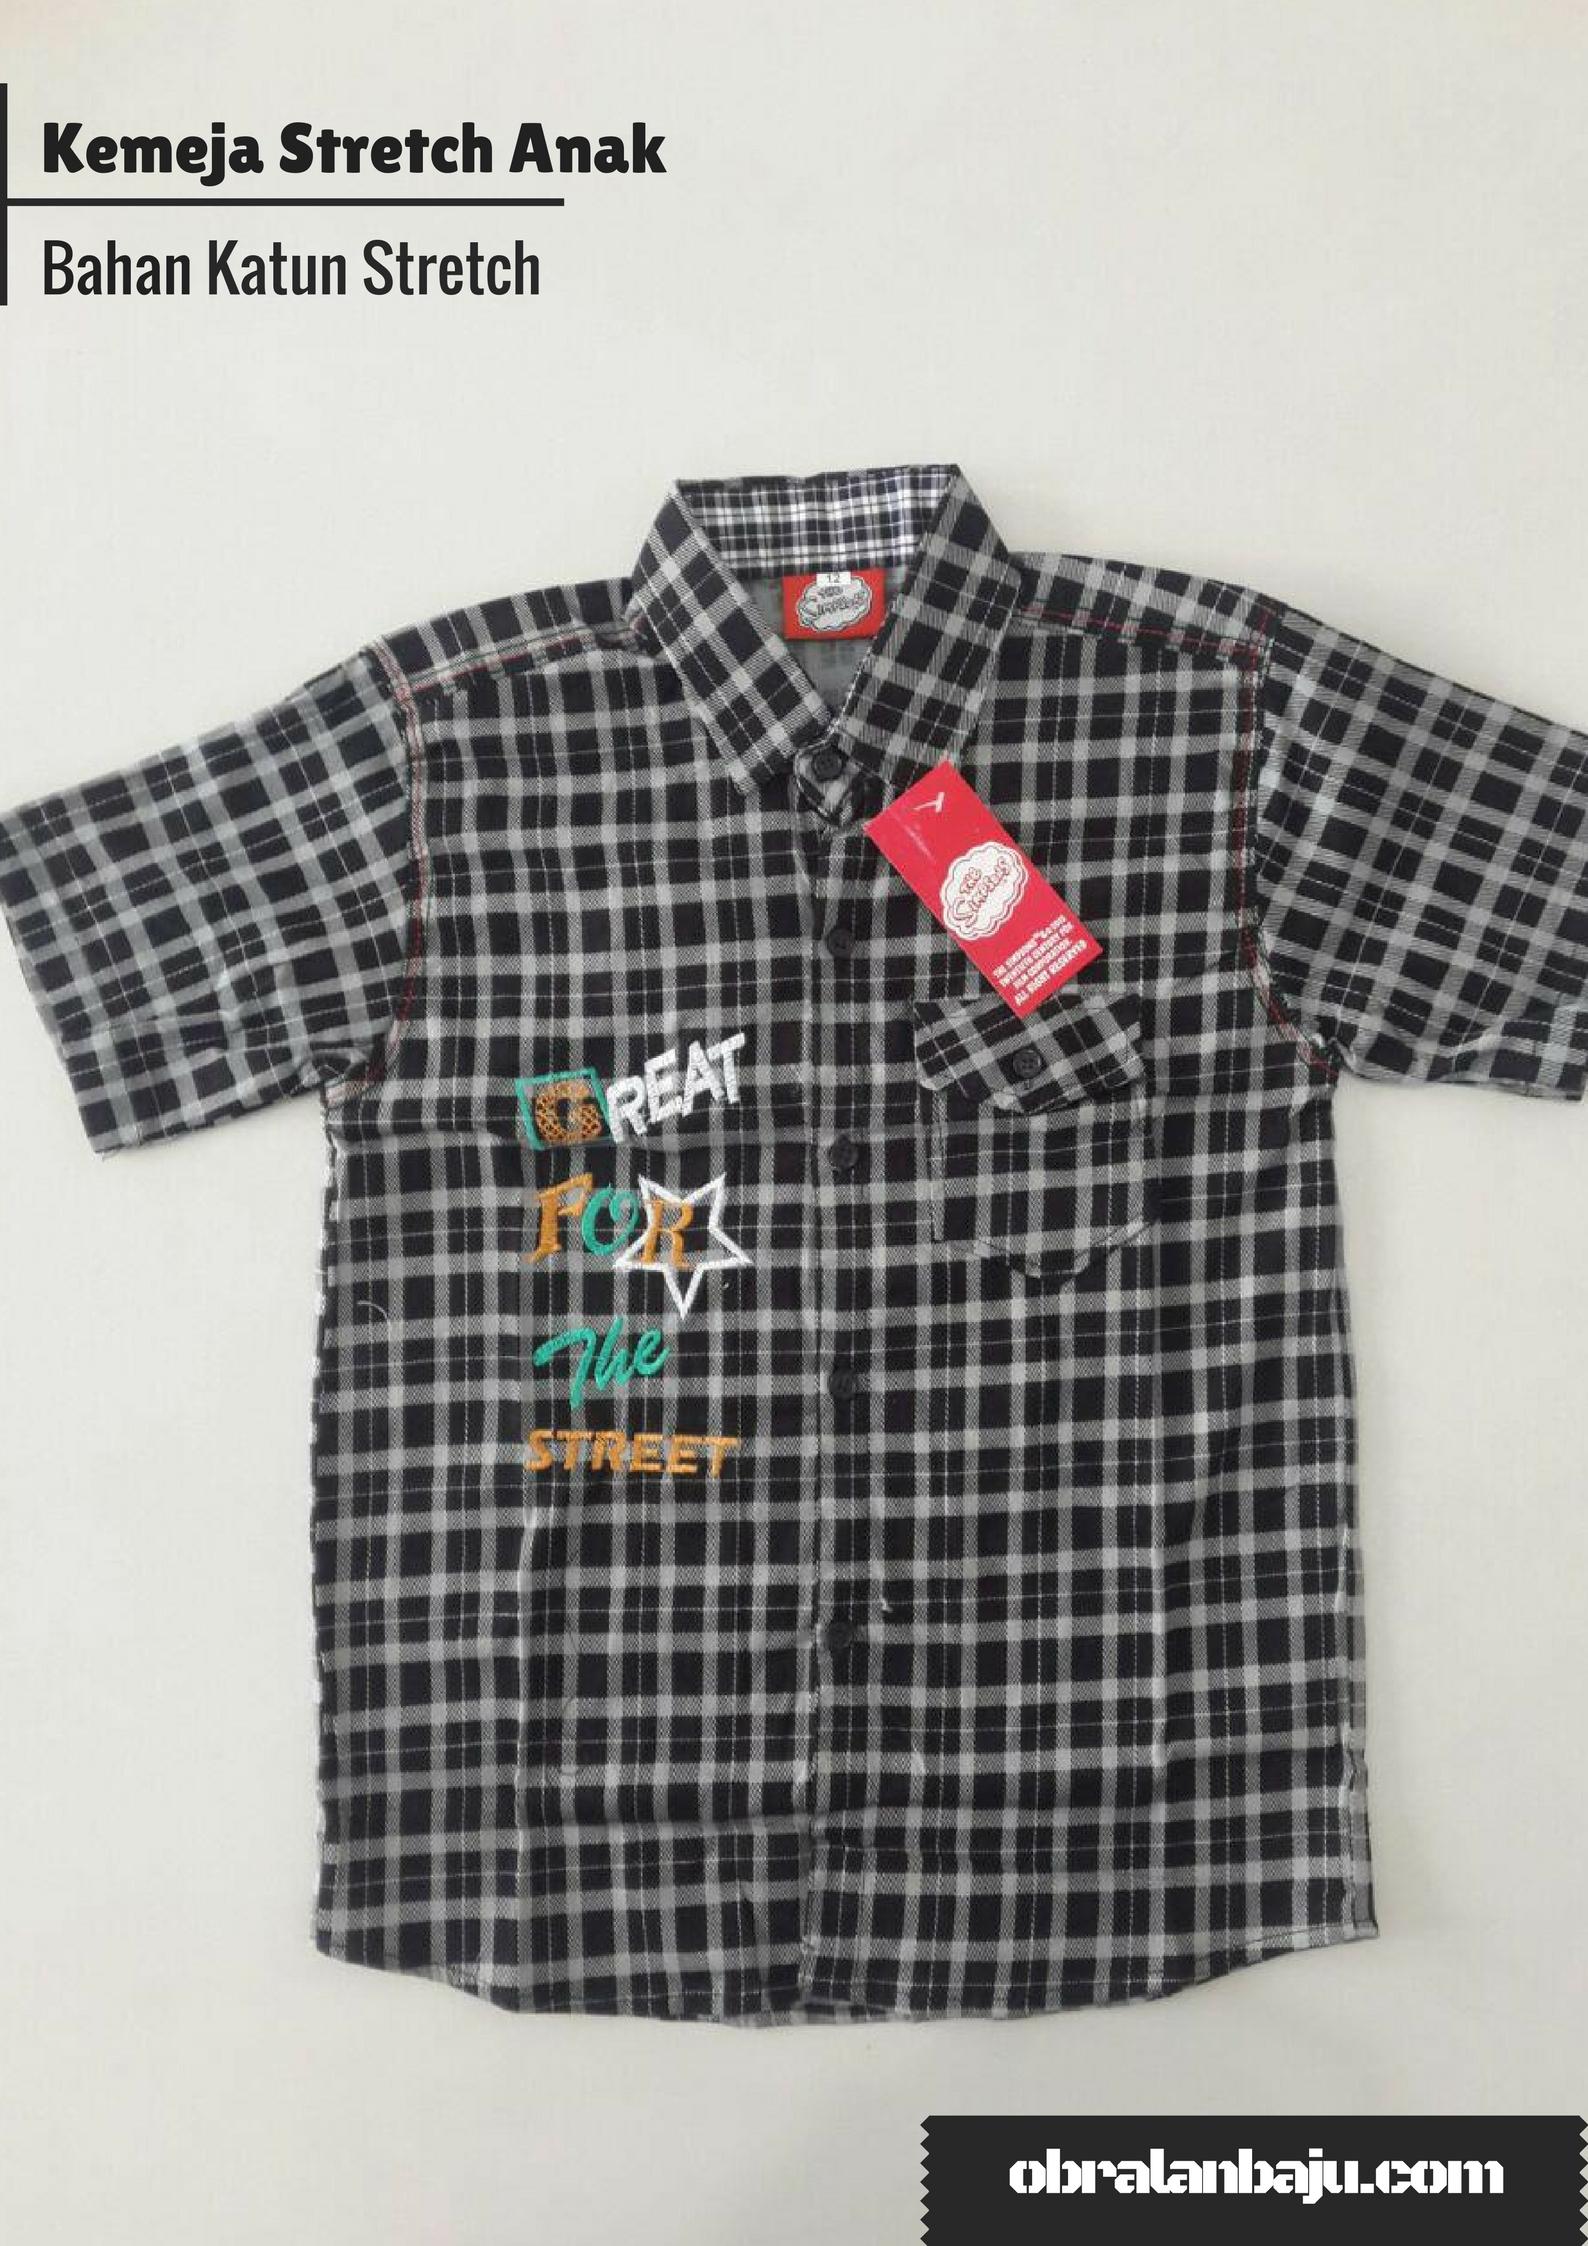 ObralanBaju.com Obral Baju Pakaian Murah Meriah 5000 Kemeja Stretch Anak